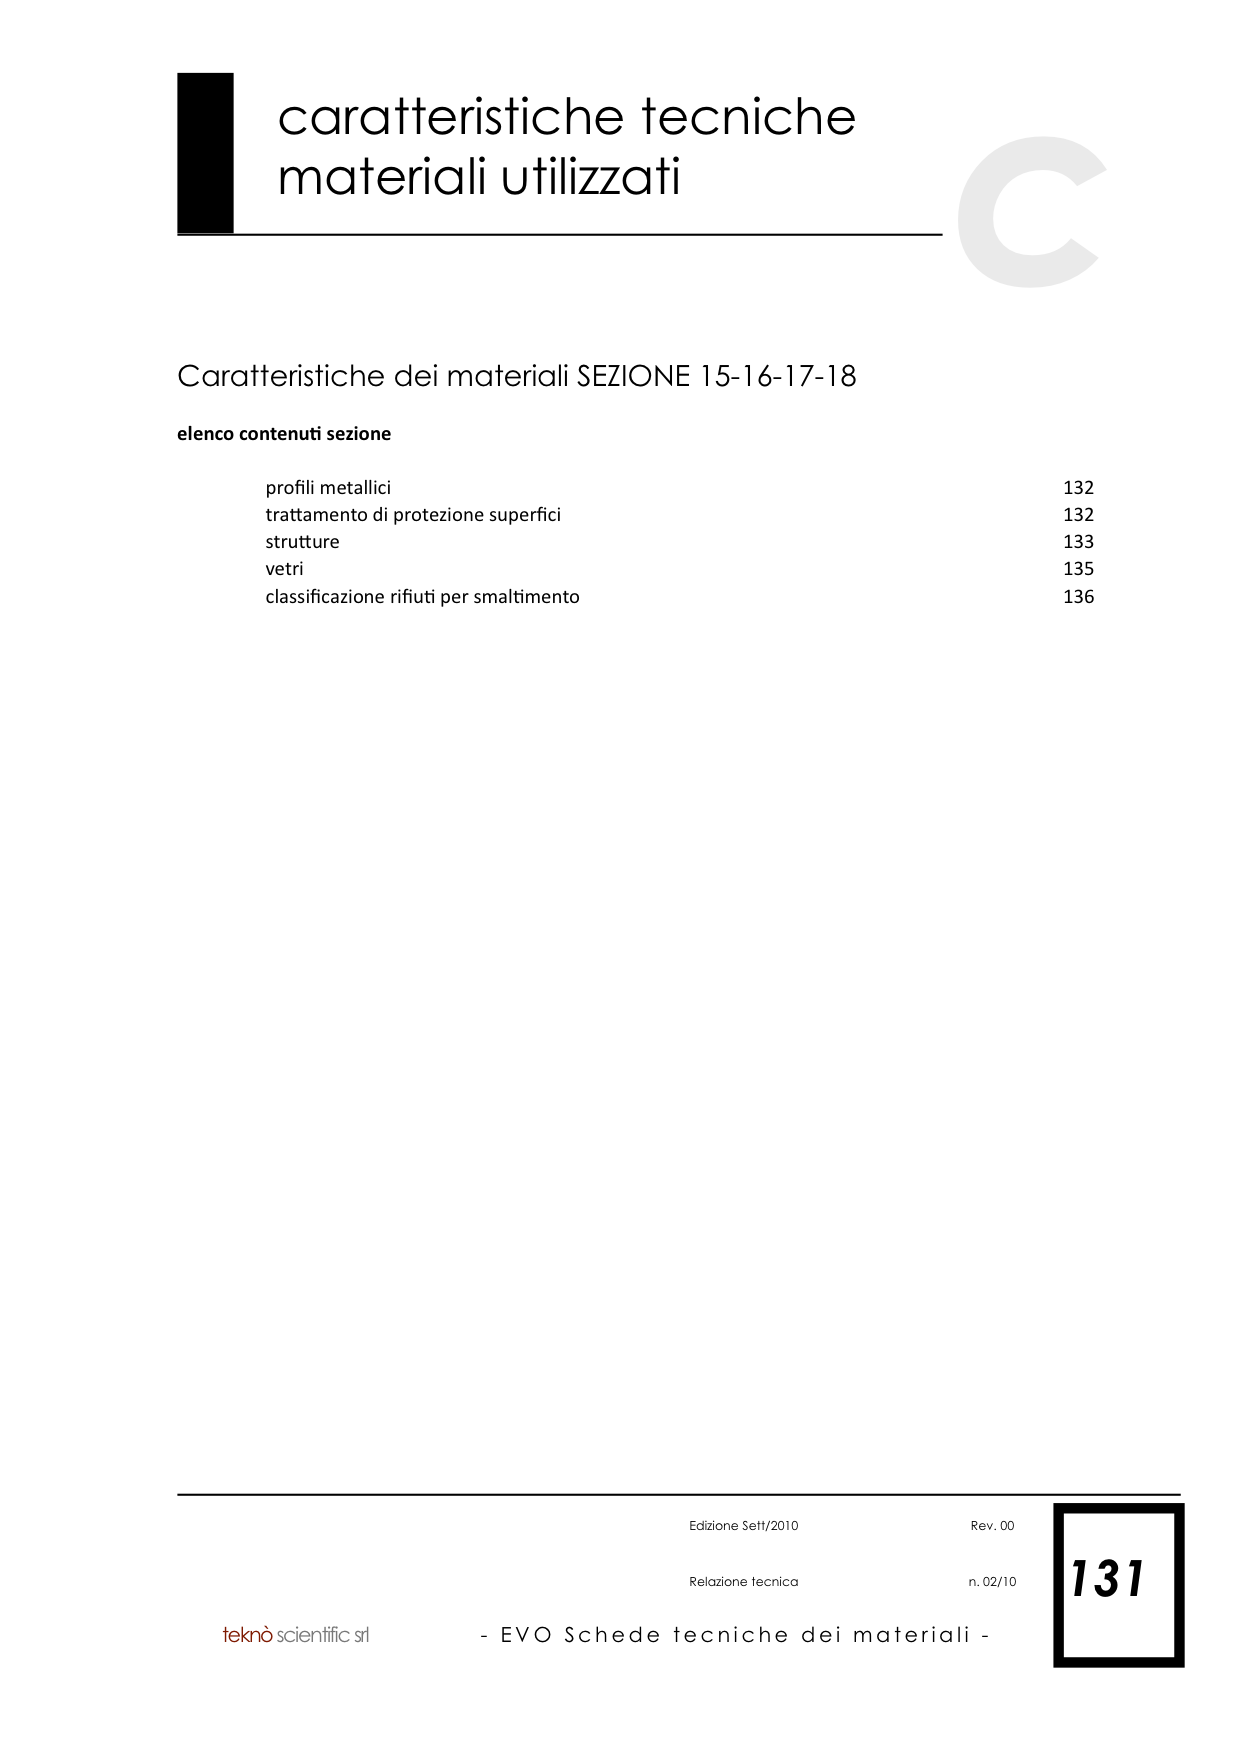 EVO Schede Tecniche materiali.png